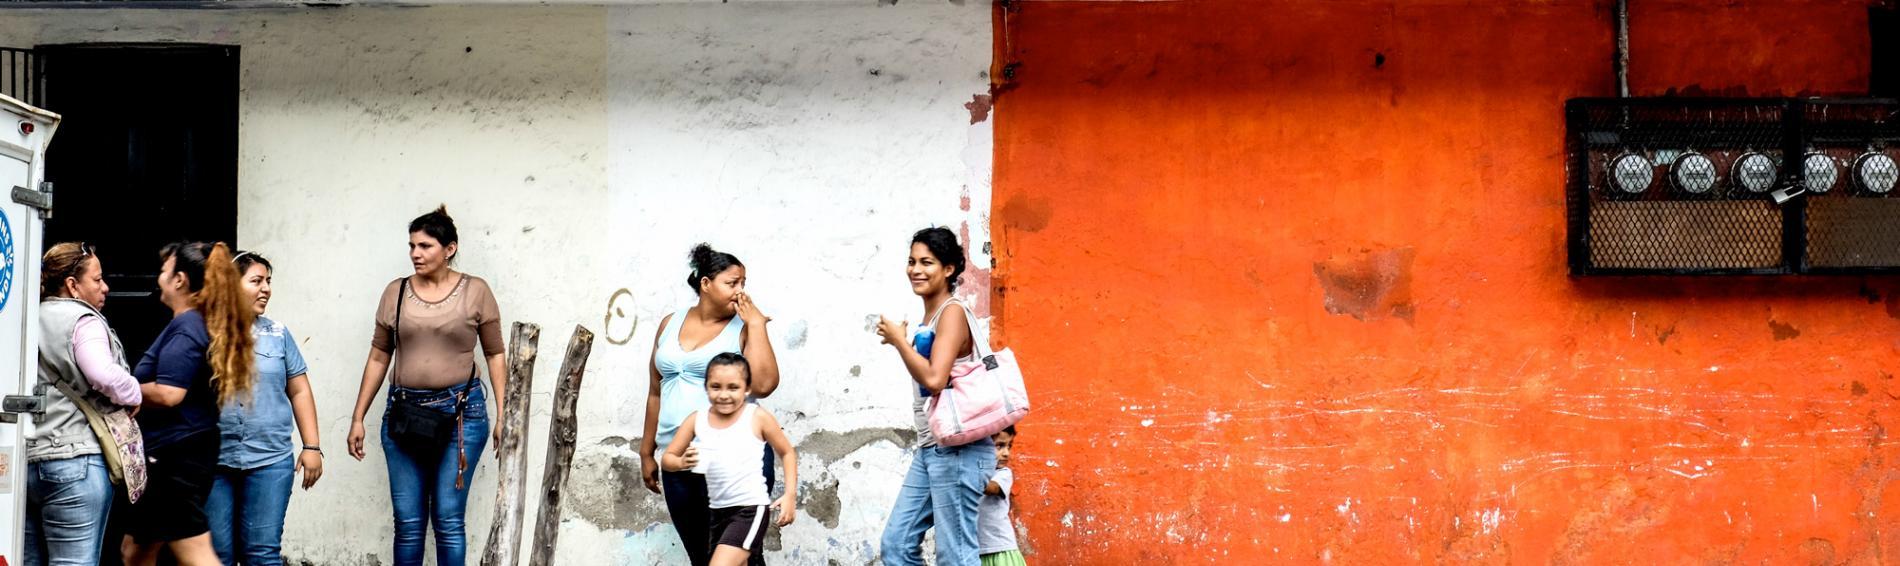 Besonders Immigrantinen leben in Mexiko in oft prekären Lebenssituationen. Foto: Nadja Massun